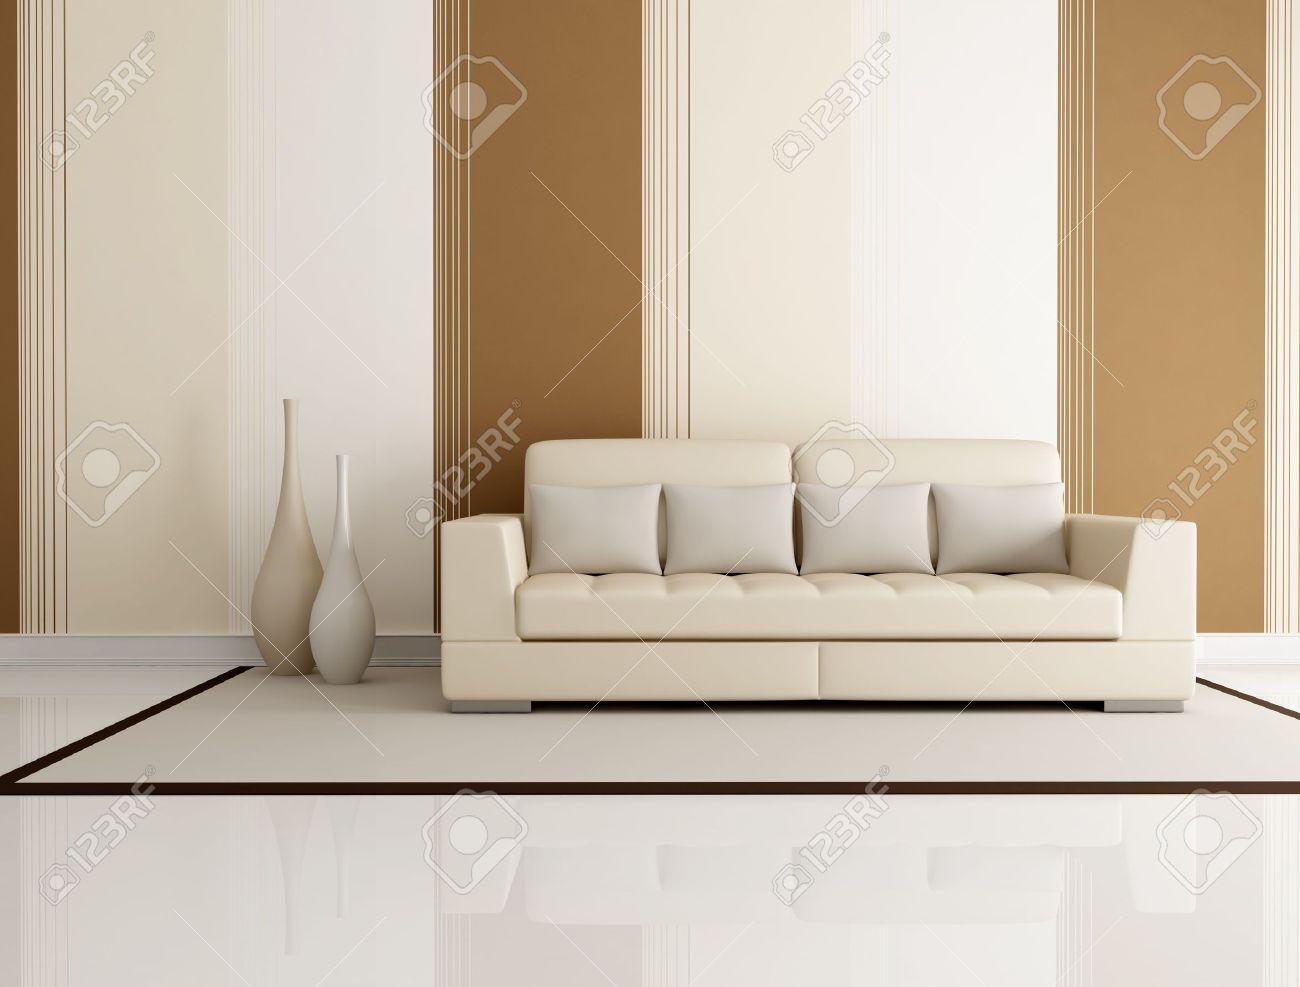 Awesome Wohnzimmer In Braun Beige Farbgestaltung Wnde Braun Beige   Wohnzimmer  Sandfarbene Wnde